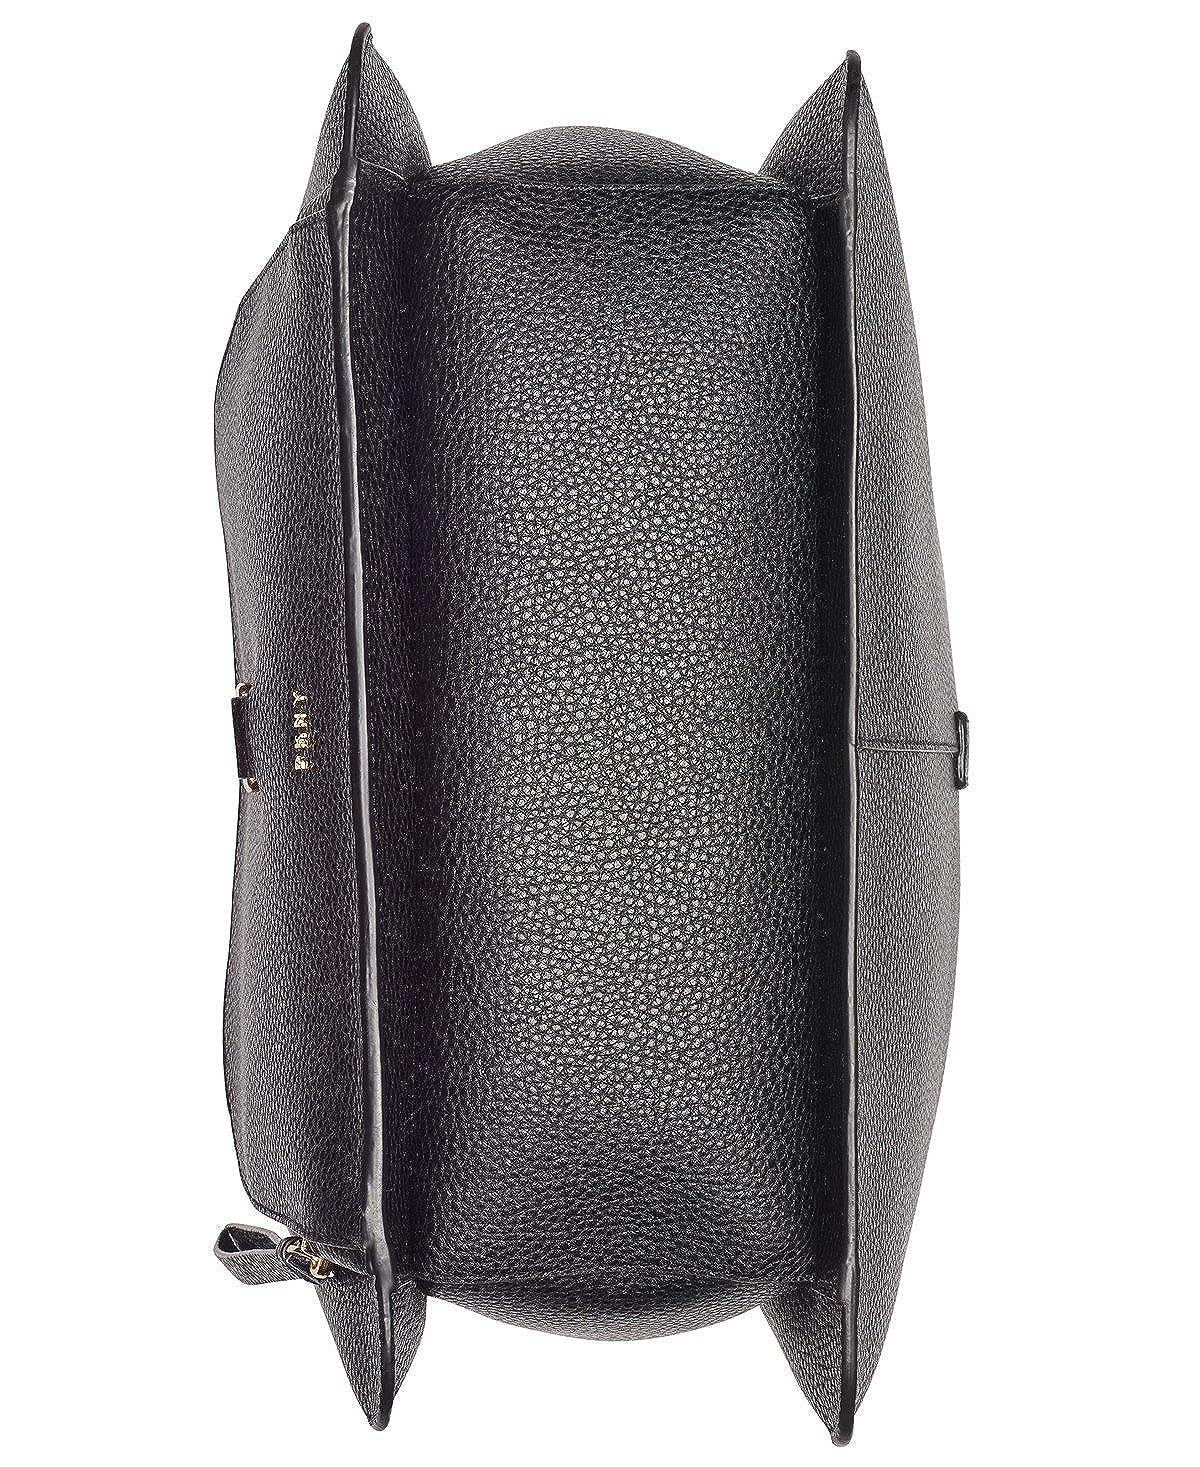 Amazon.com: DKNY Paris bolsa grande, negro, L: Shoes